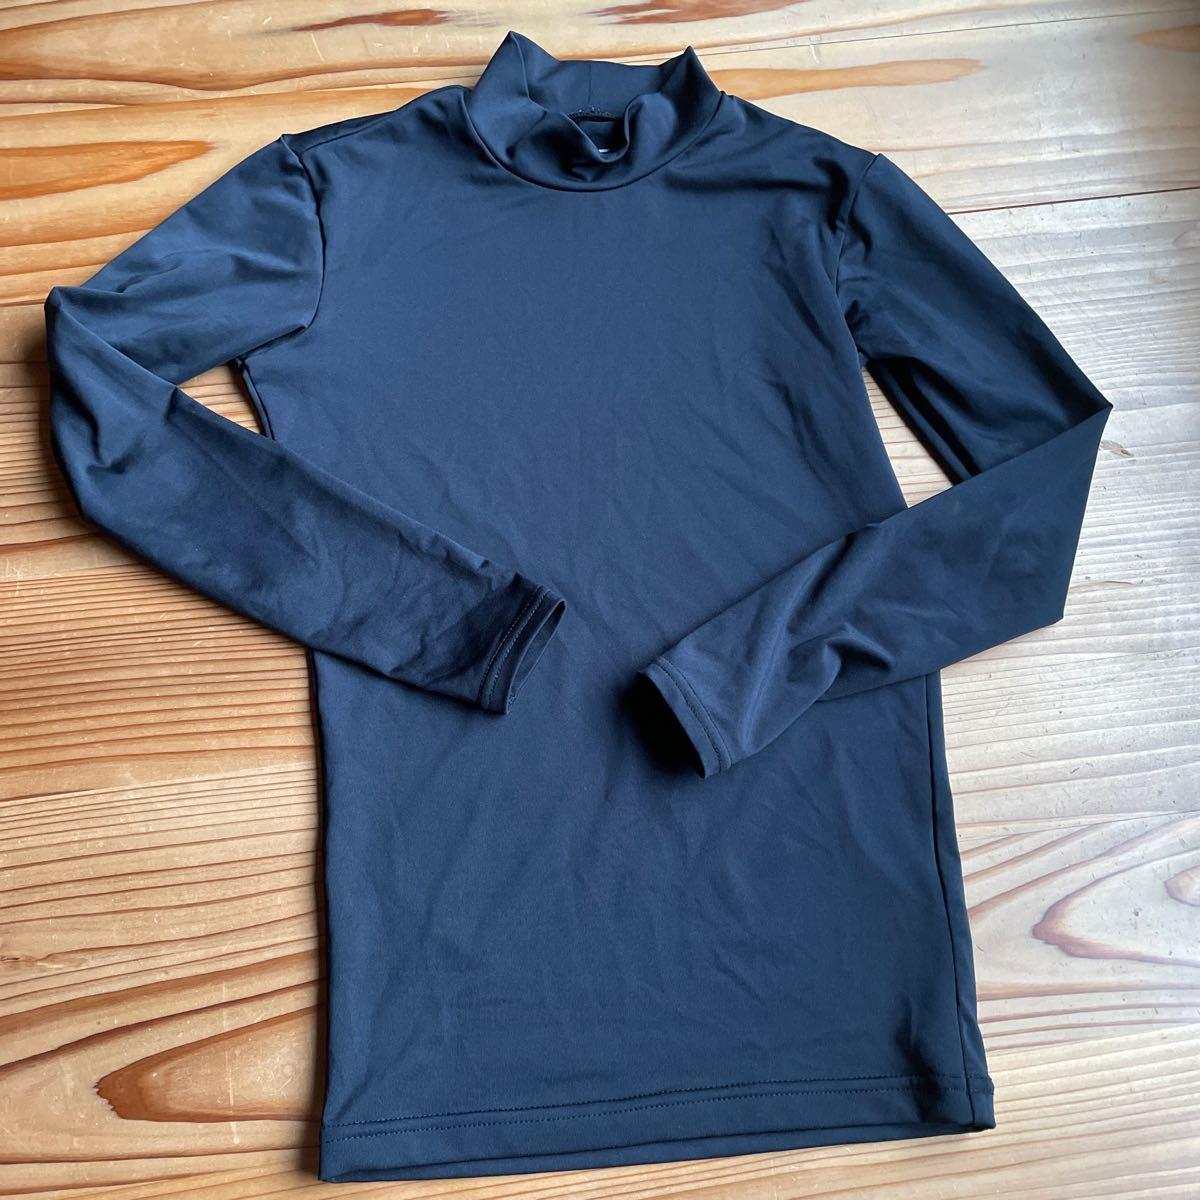 インナーシャツ アンダーシャツ トレーニング サッカー  ジュニア 黒 150